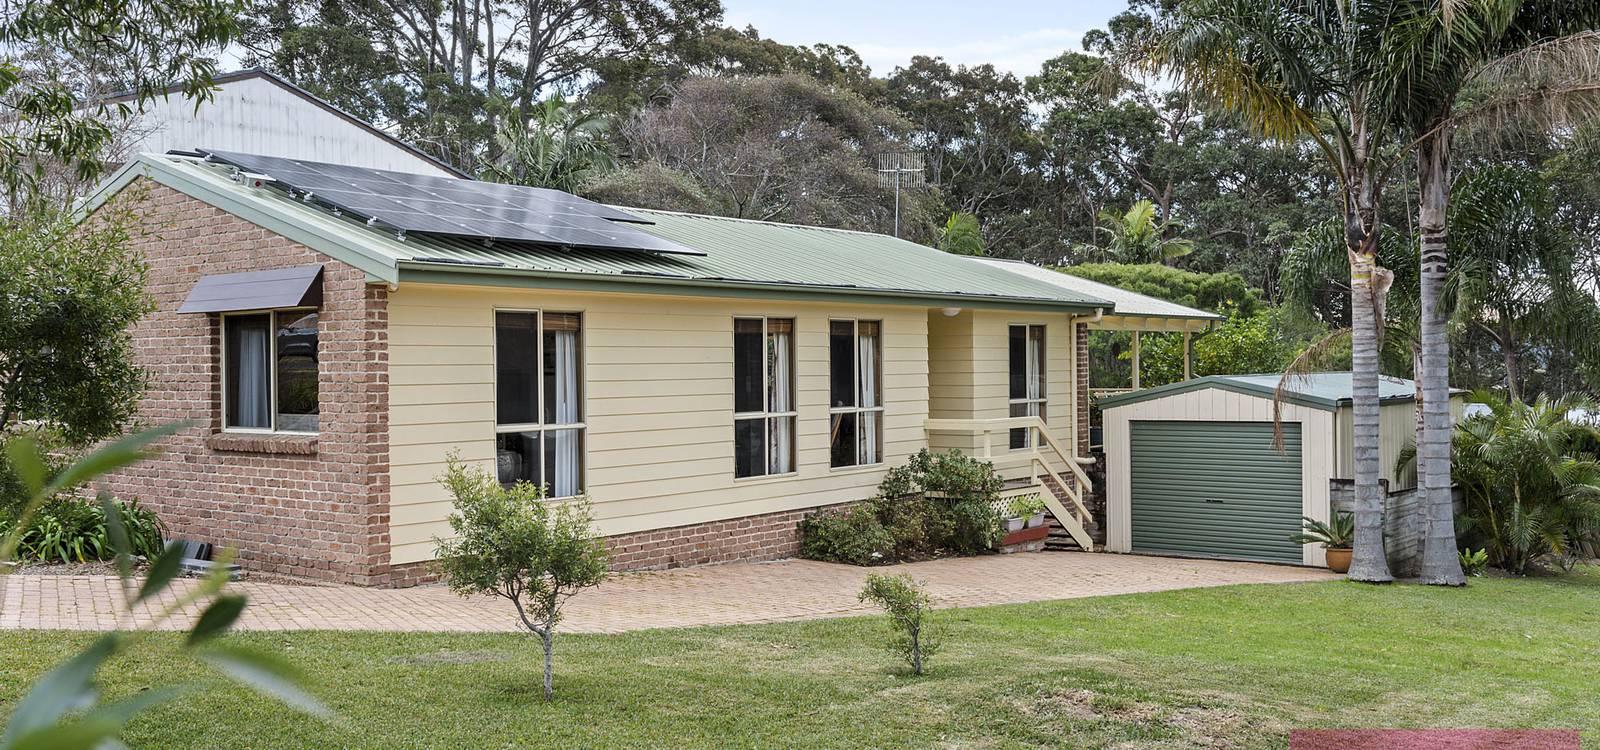 53 Wallaroy Drive BURRILL LAKE, NSW 2539 - photo 1